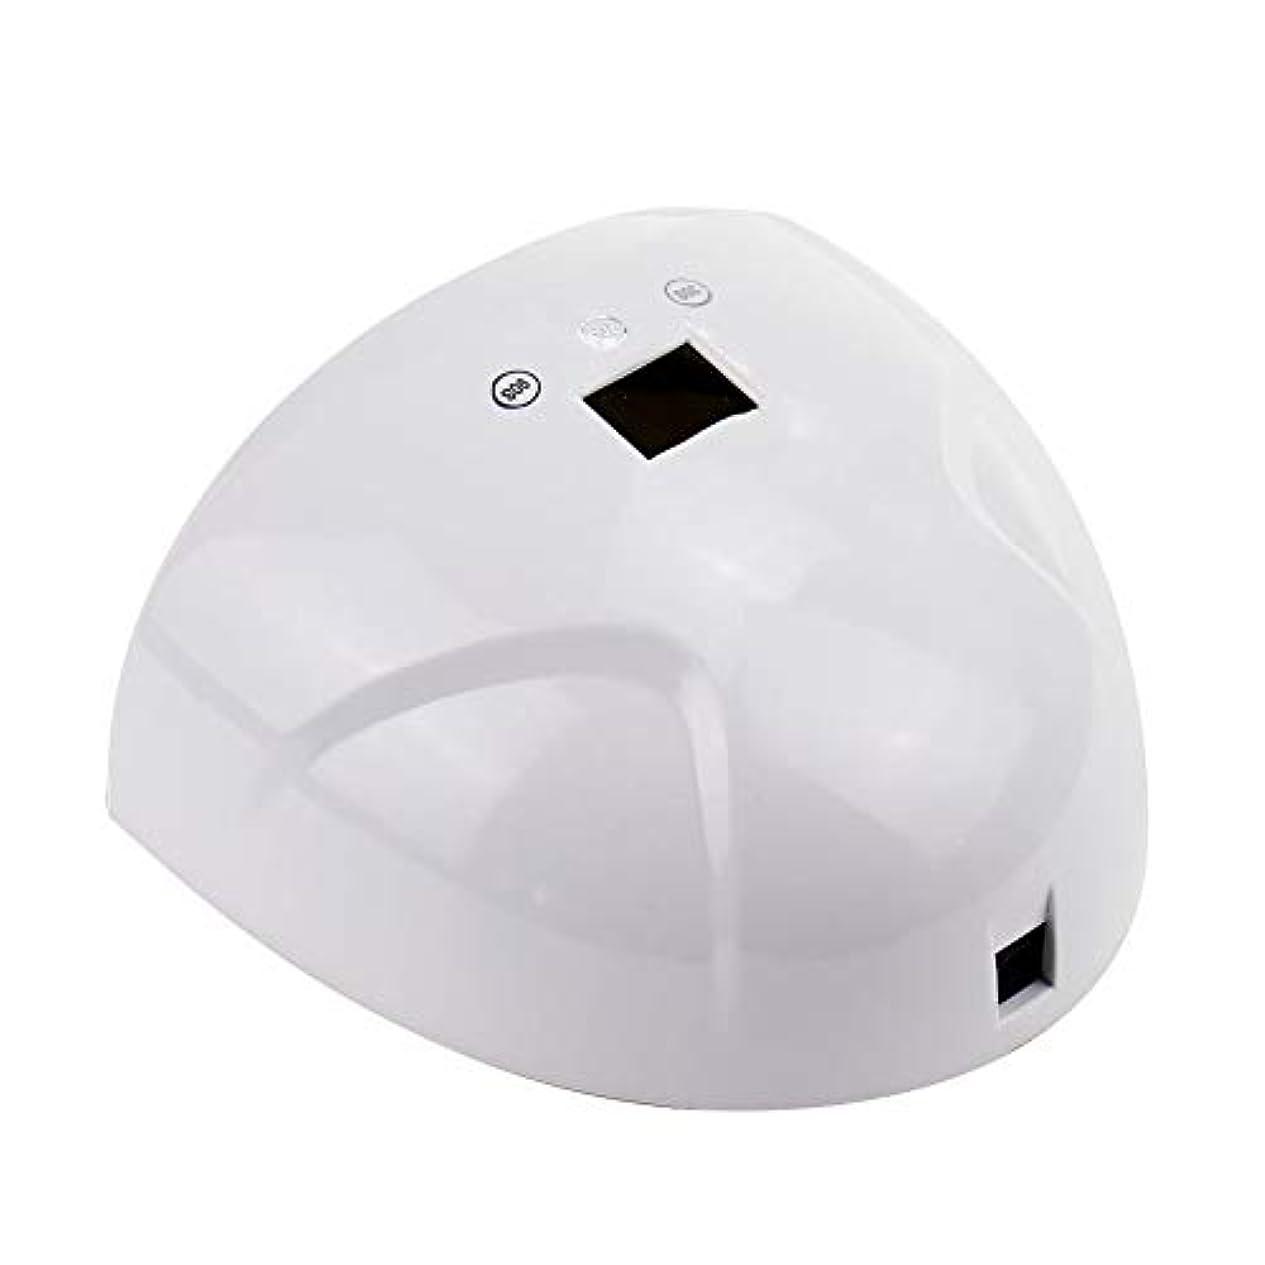 立証する担保いじめっ子ネイルドライヤー - LEDマシン光線療法ネイルマシン36Wスマートデュアル光源ネイルベーキング高速乾燥機